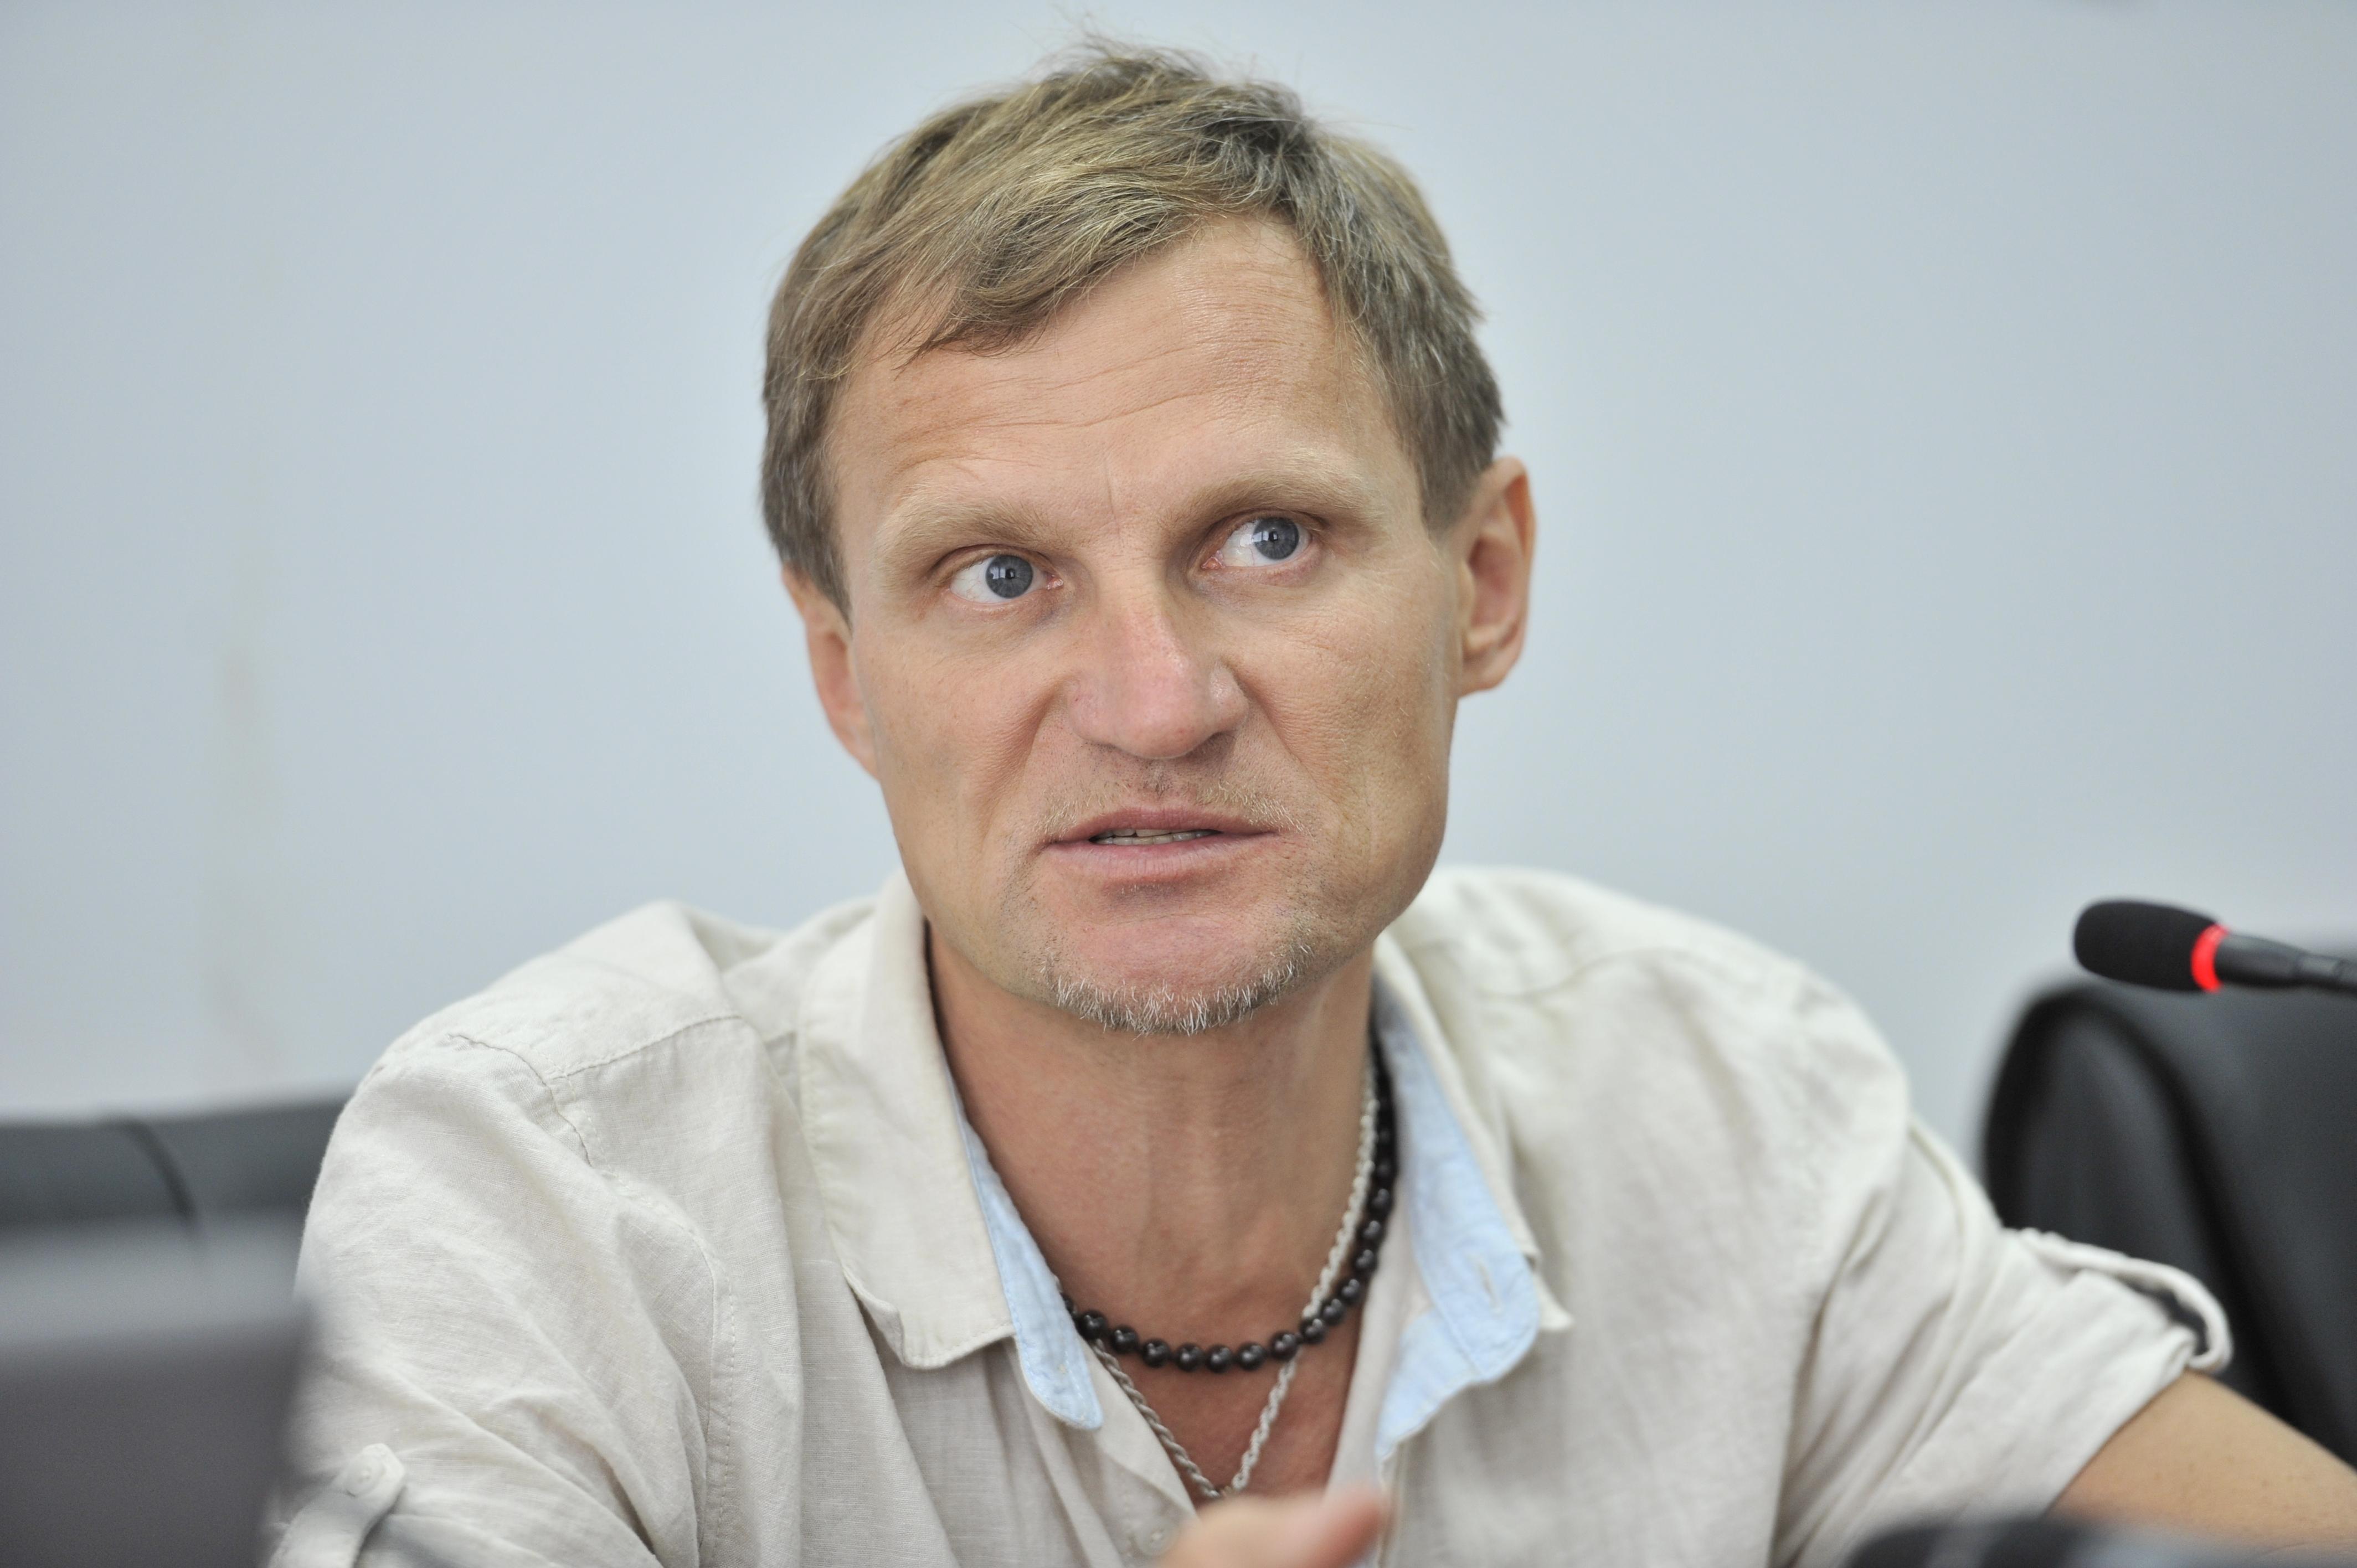 Солист «Вопли Видоплясова» договорился до реабилитации нацистских практик